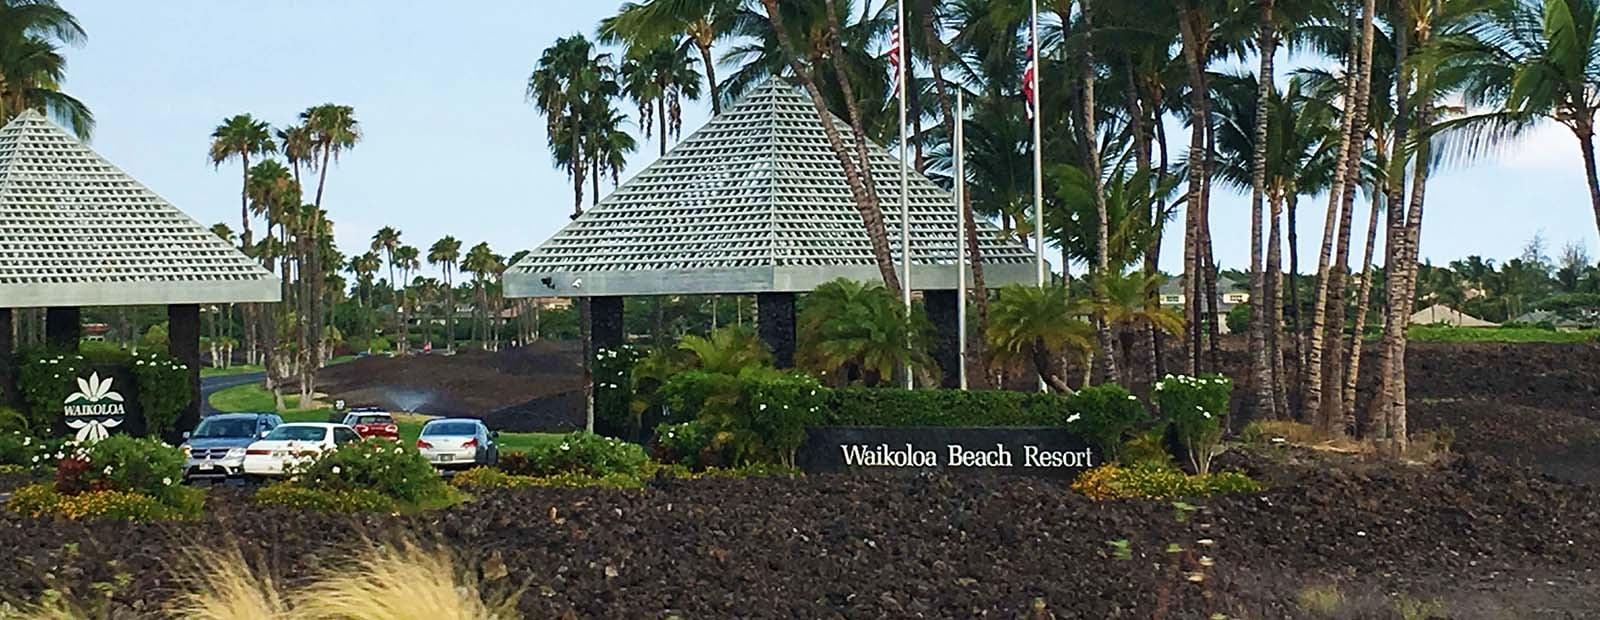 Waikoloa-Resort-Big-Island-Hawaii